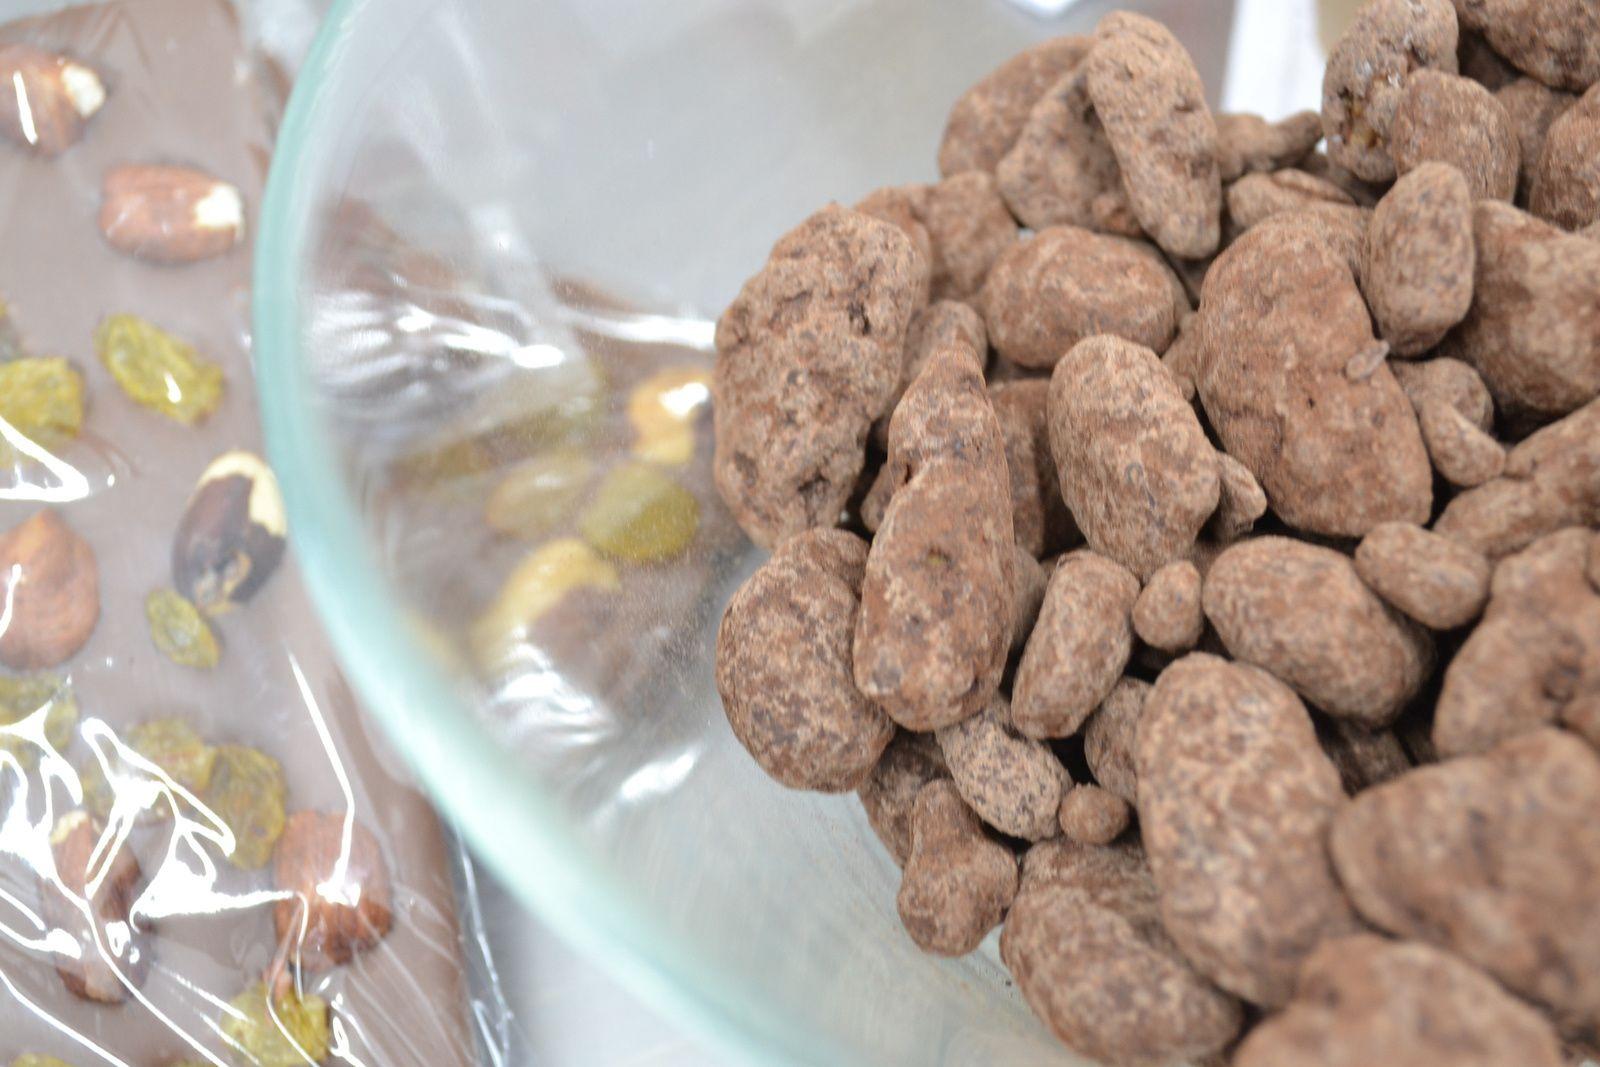 Claude propose des pâtes de fruits - là ananas - mais aussi des amandes et des noisettes au chocolat.